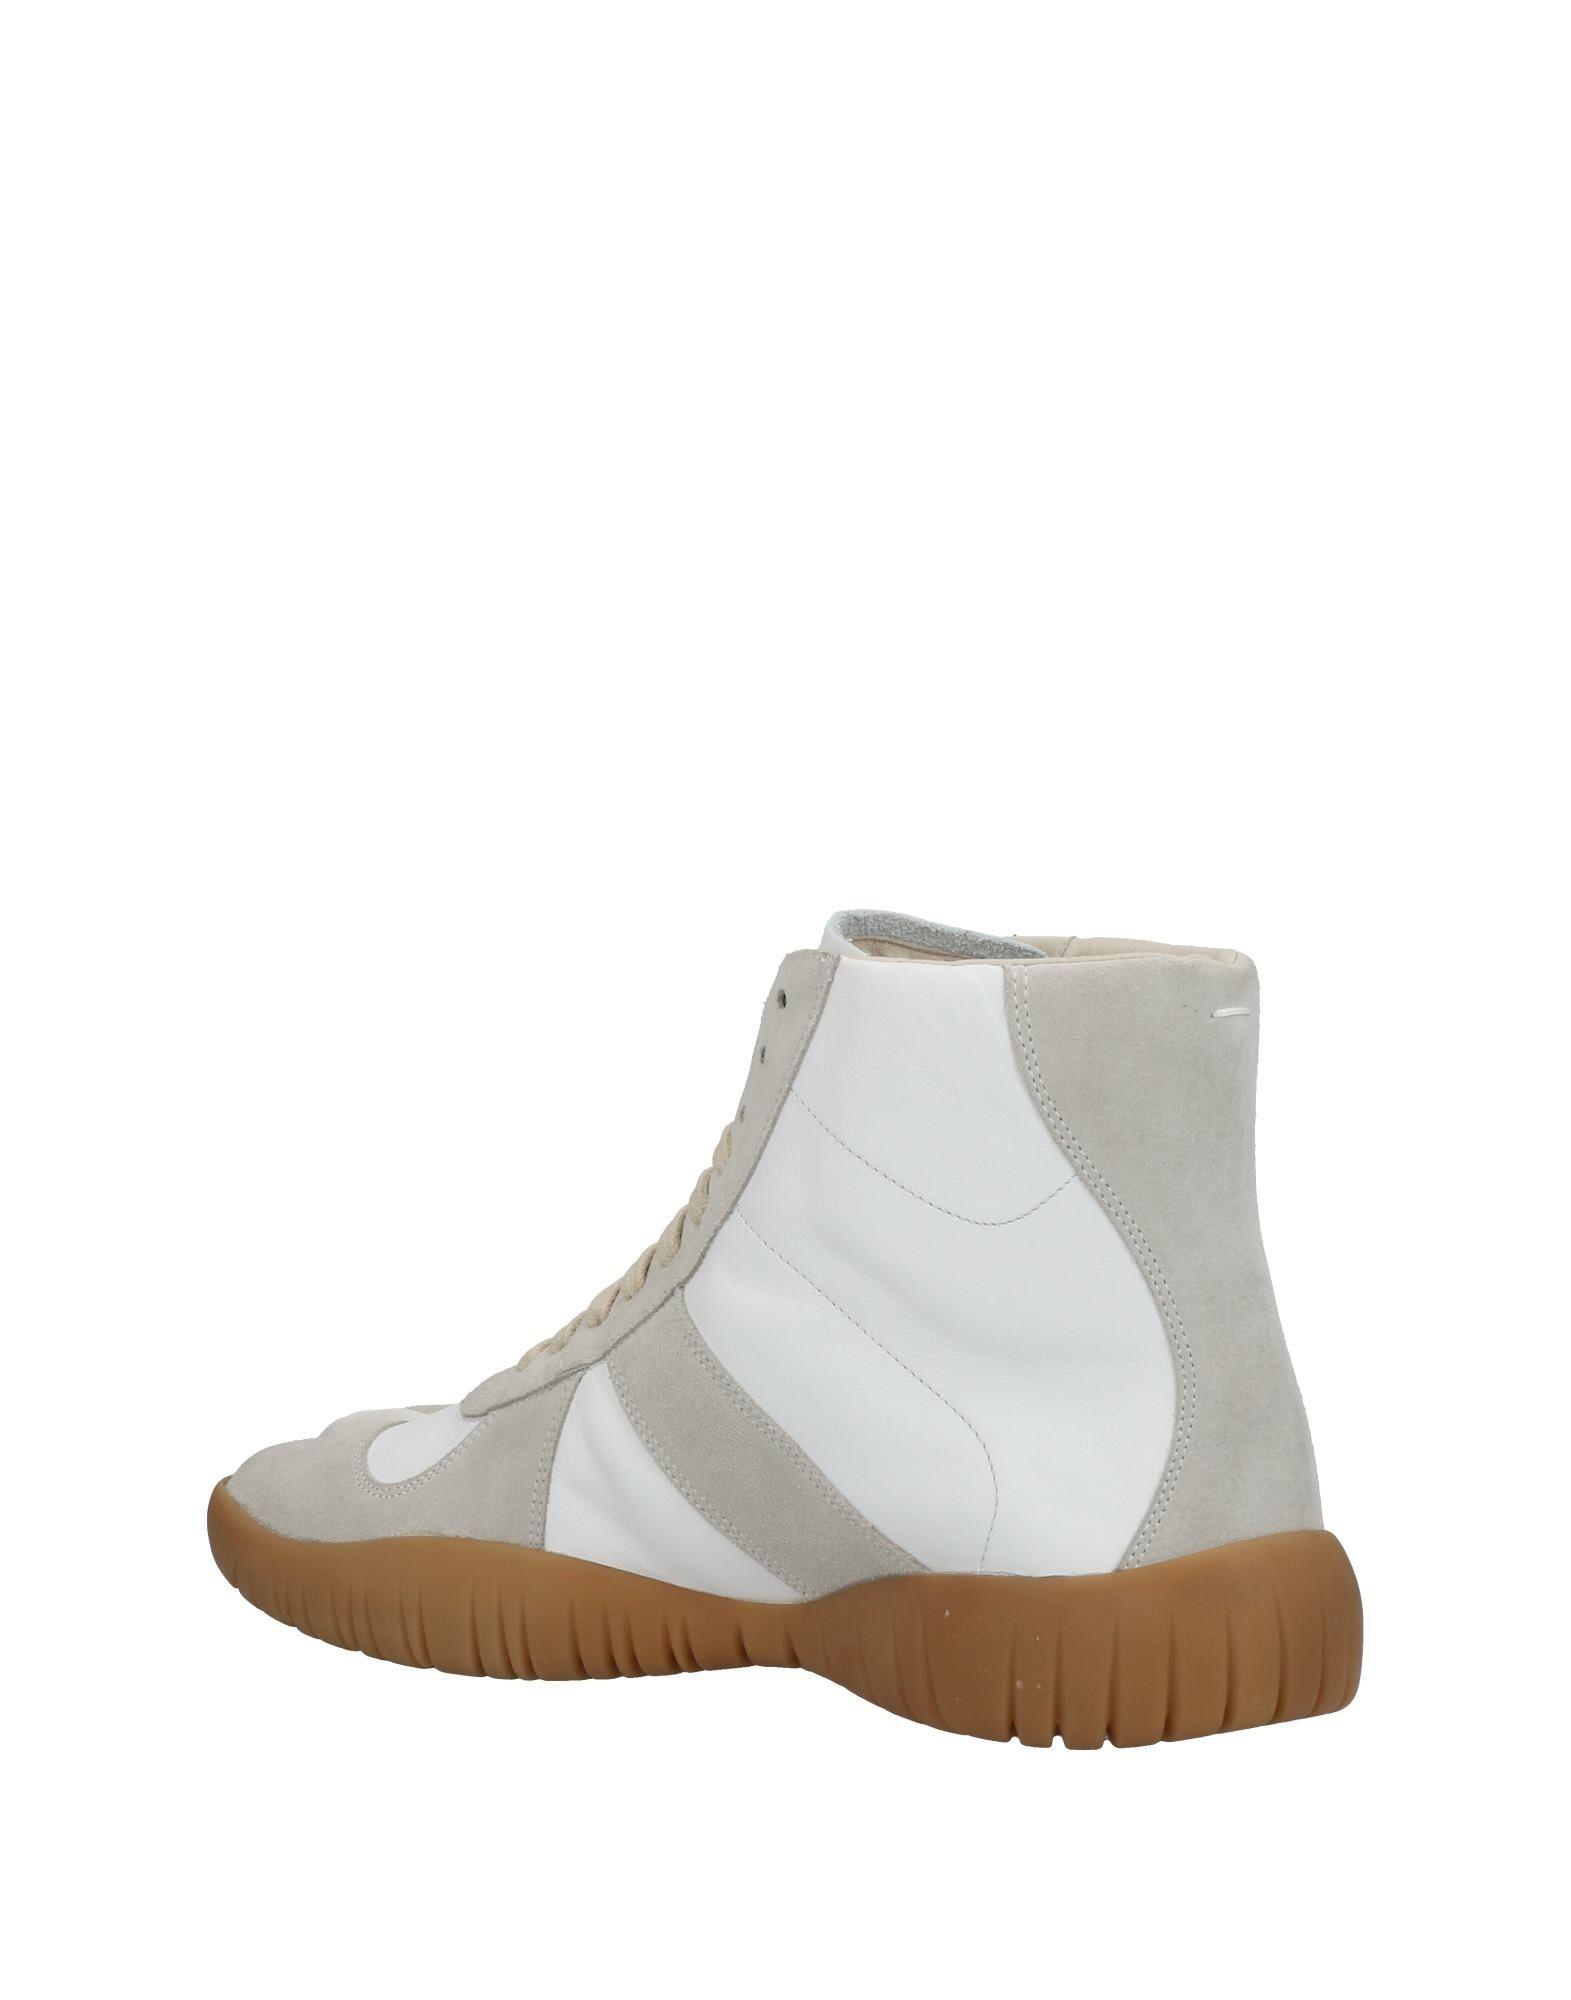 Maison Margiela Sneakers Herren  11431605CK 11431605CK 11431605CK 40cf59